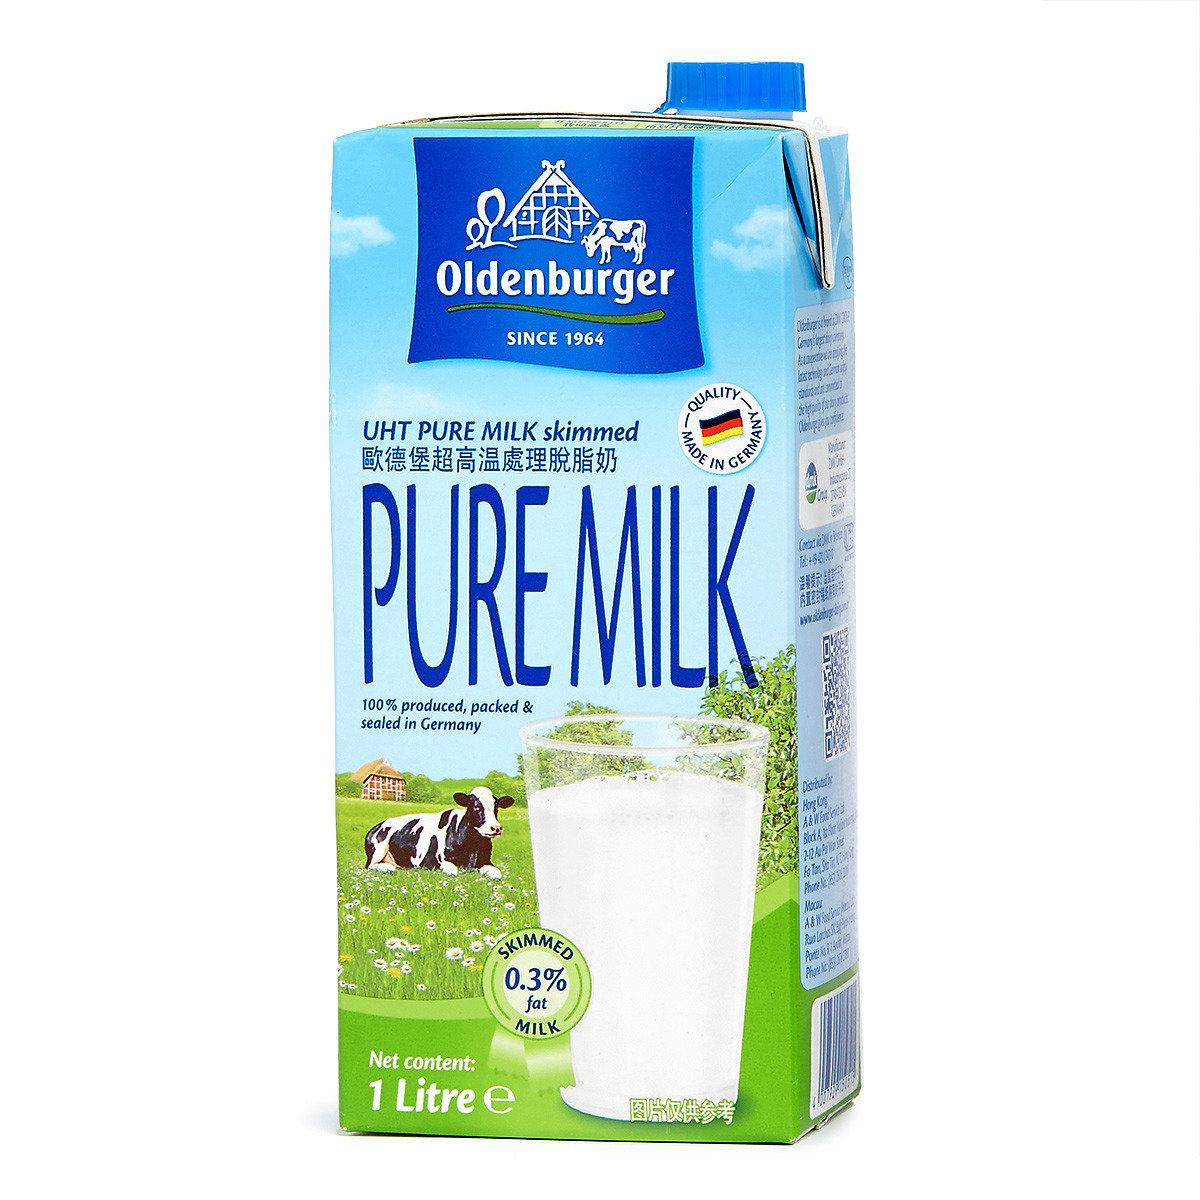 UHT 超高温滅菌脫脂牛奶